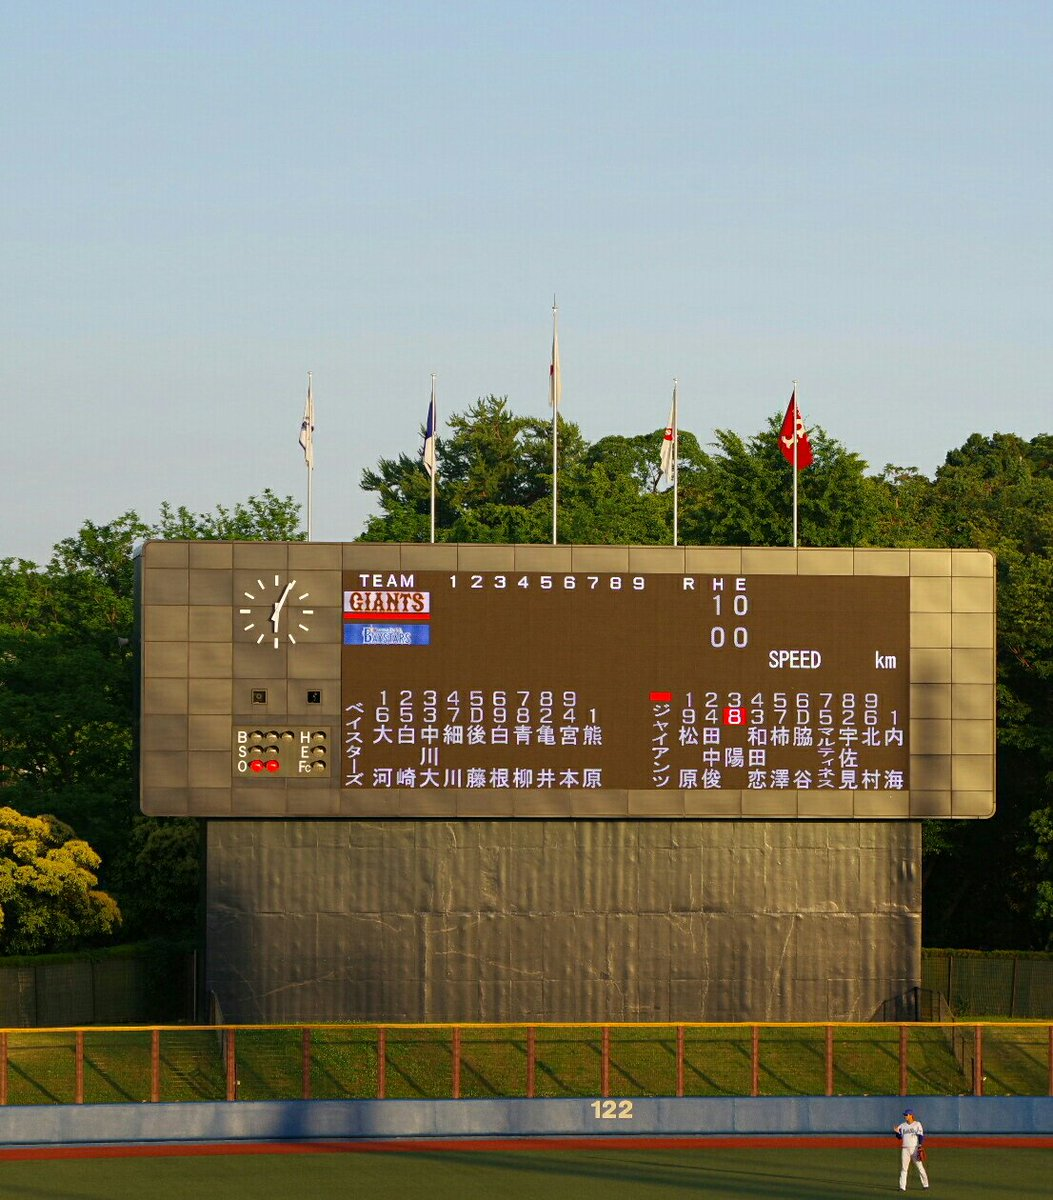 test ツイッターメディア - #はいふりフォトコン 「知られざる横須賀の魅力的な風景」といえば、追浜にある横須賀スタジアム。横浜ベイスターズの二軍がここで試合をしています。チケット代1000円(子供は300円)で、お手軽にプロ野球を見られる場所。外野のむこうには木々の緑が広がっていて、開放感が魅力的だと思っています。 https://t.co/GbgPlvyhxQ